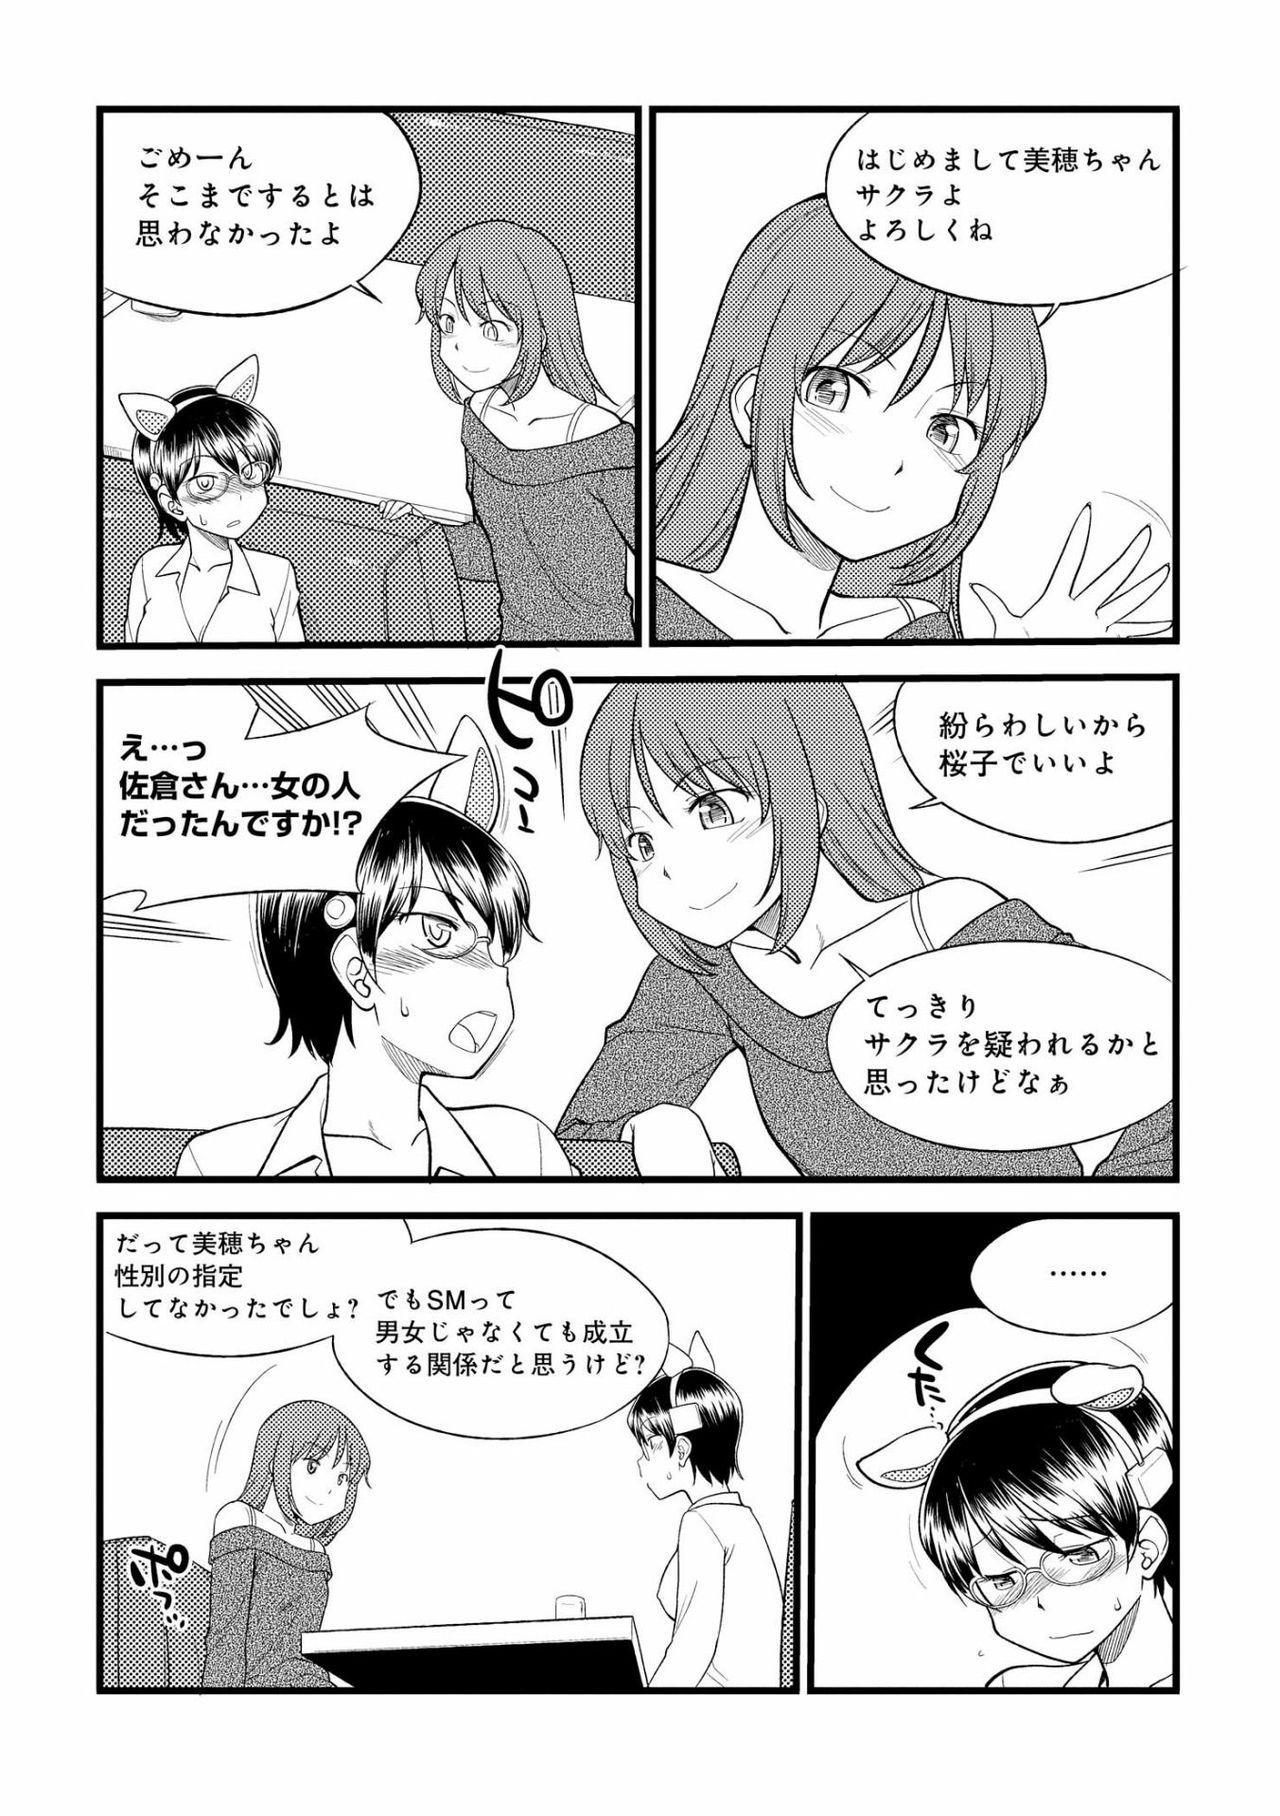 [Mitsuba] Karada mo Kokoro mo Boku no Mono ~Hajimete no SM Guide~ 2 [Digital] 10